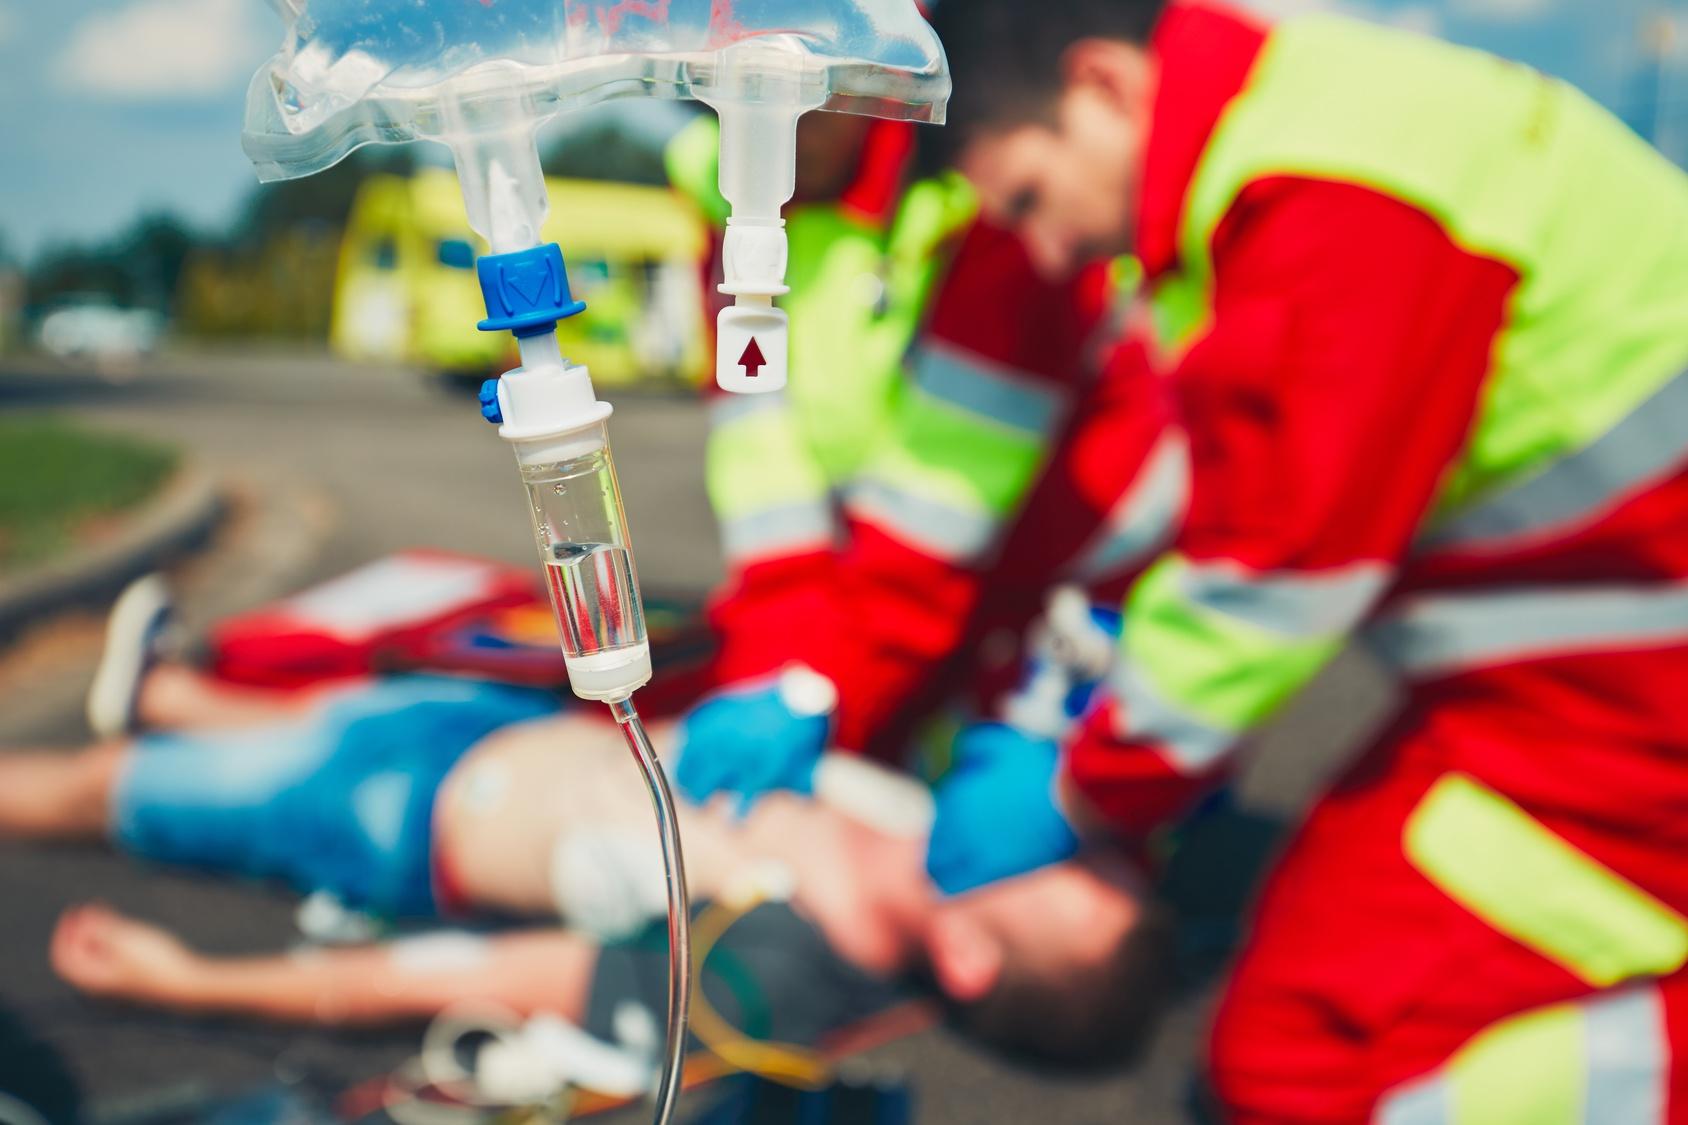 Gaffer behindern Rettung von schwer verletztem Kind